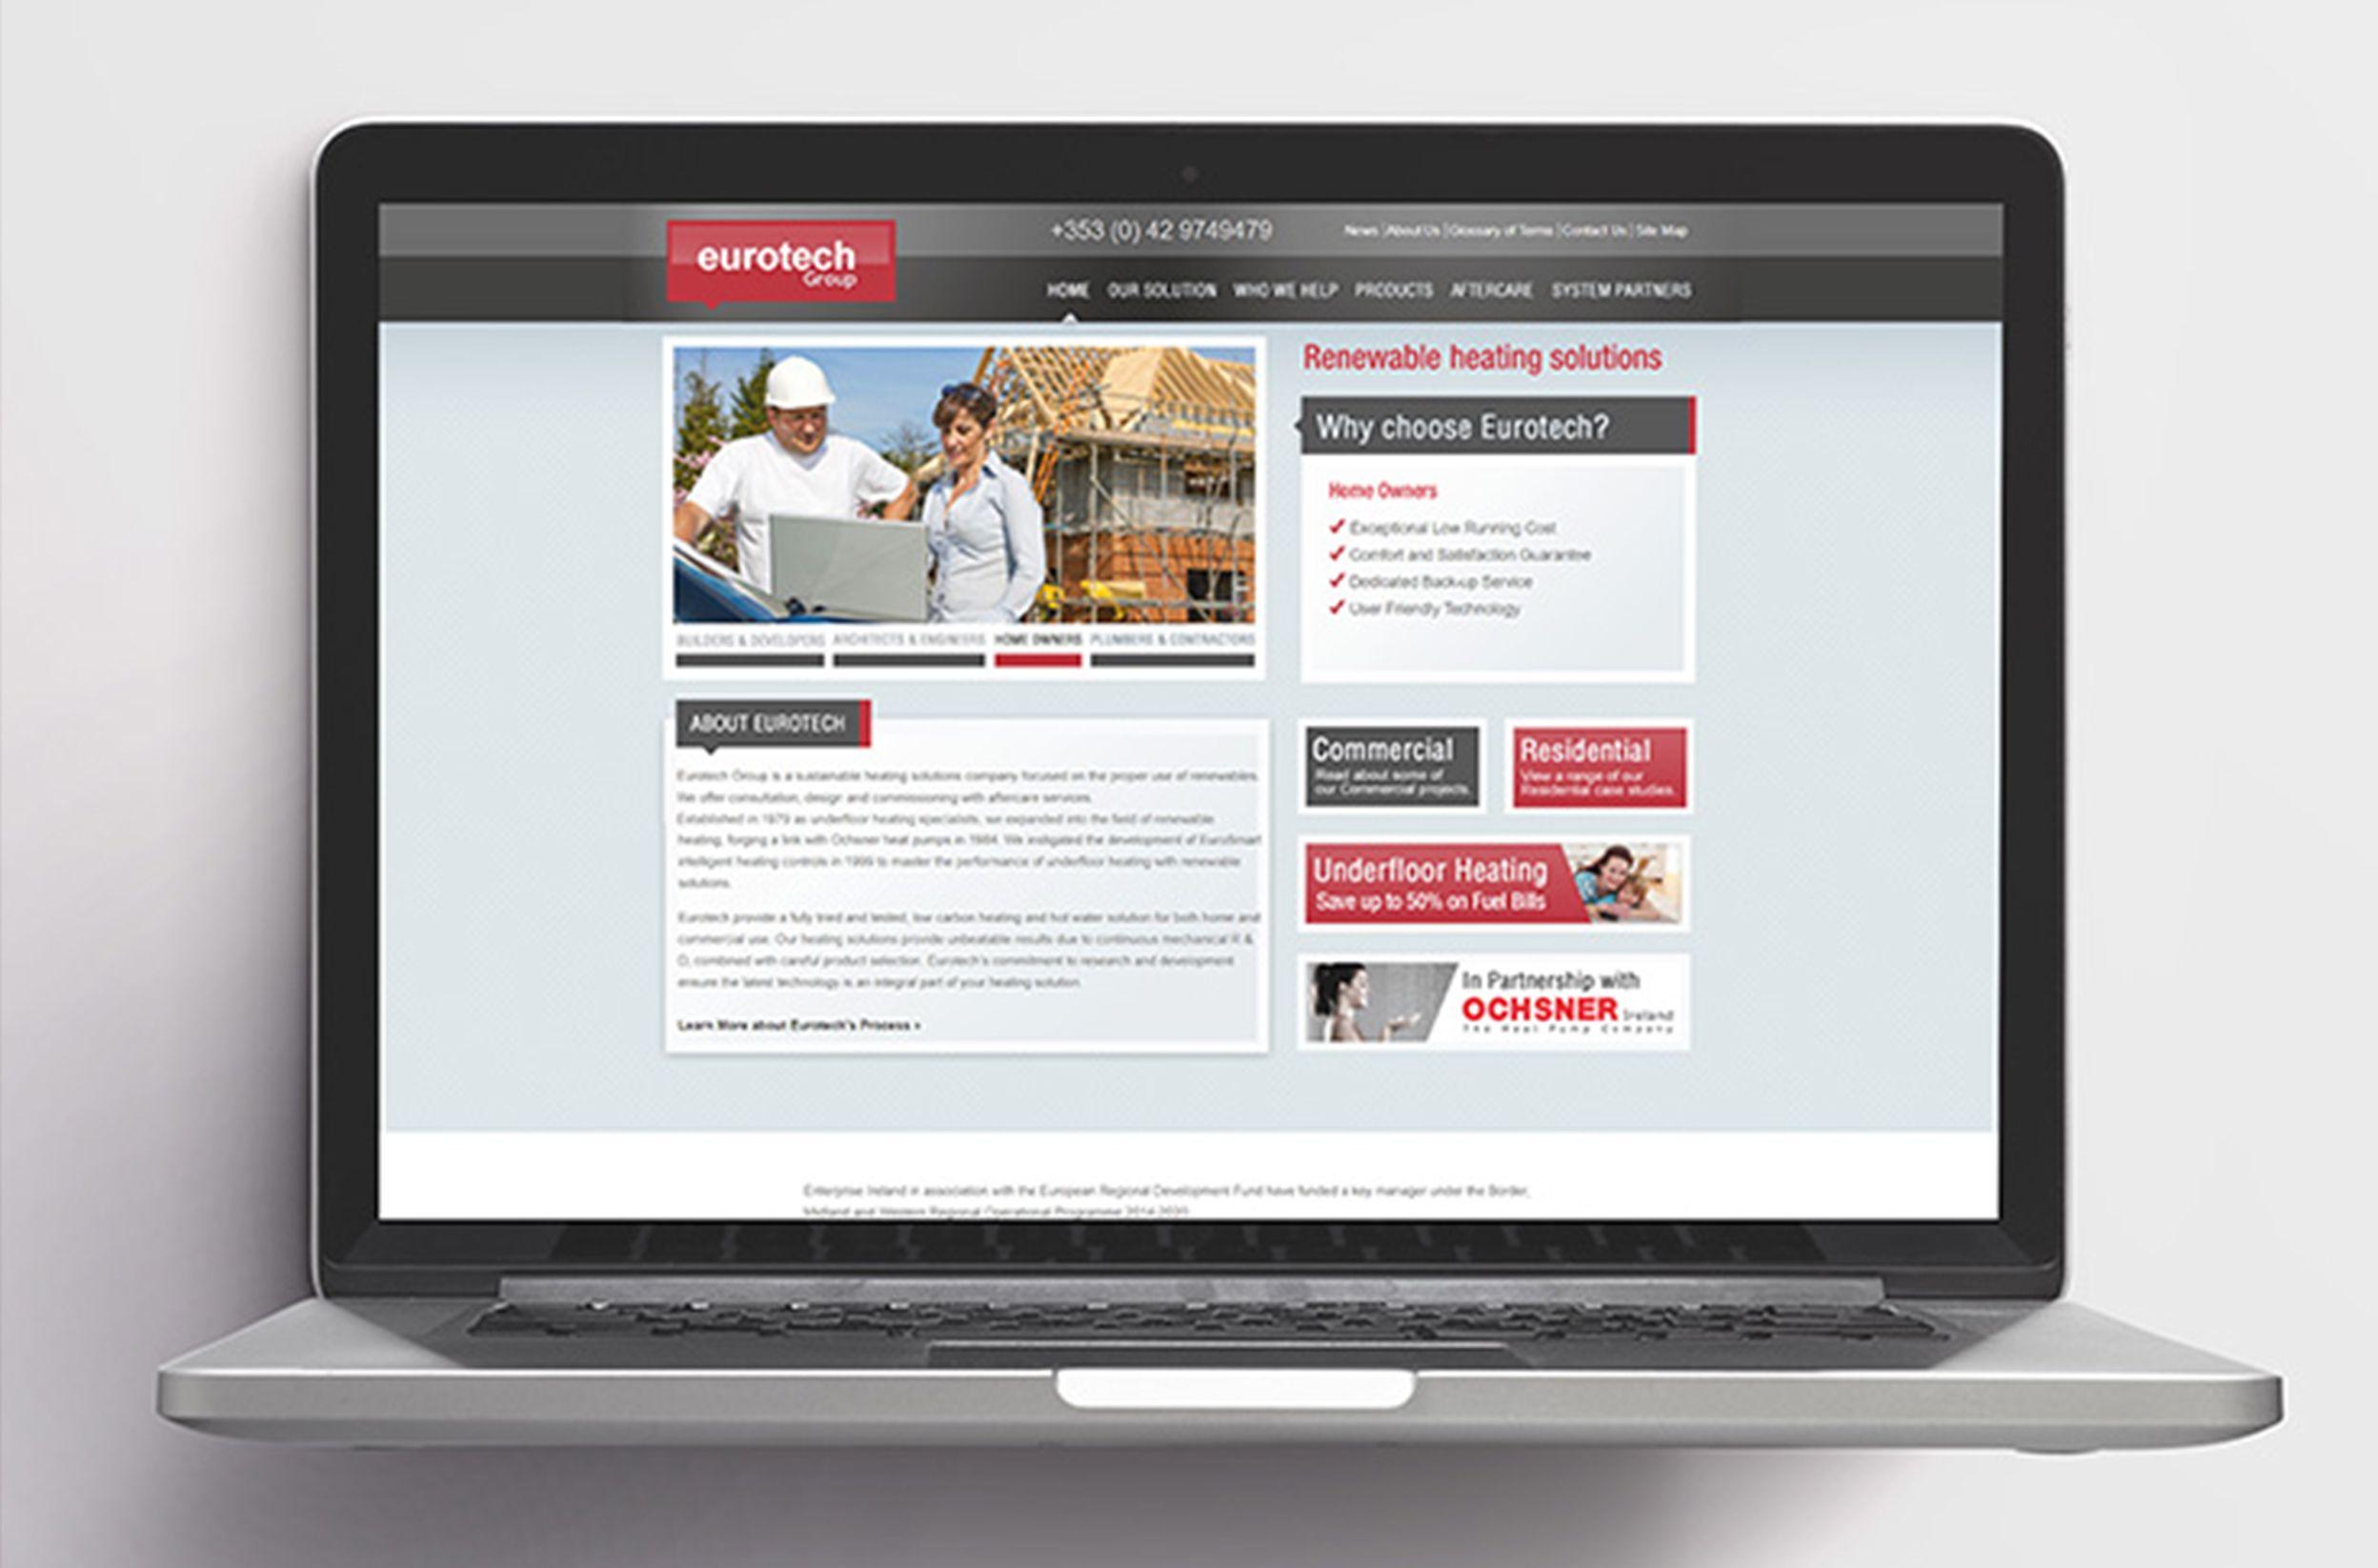 PINTEREST_eurotech_website